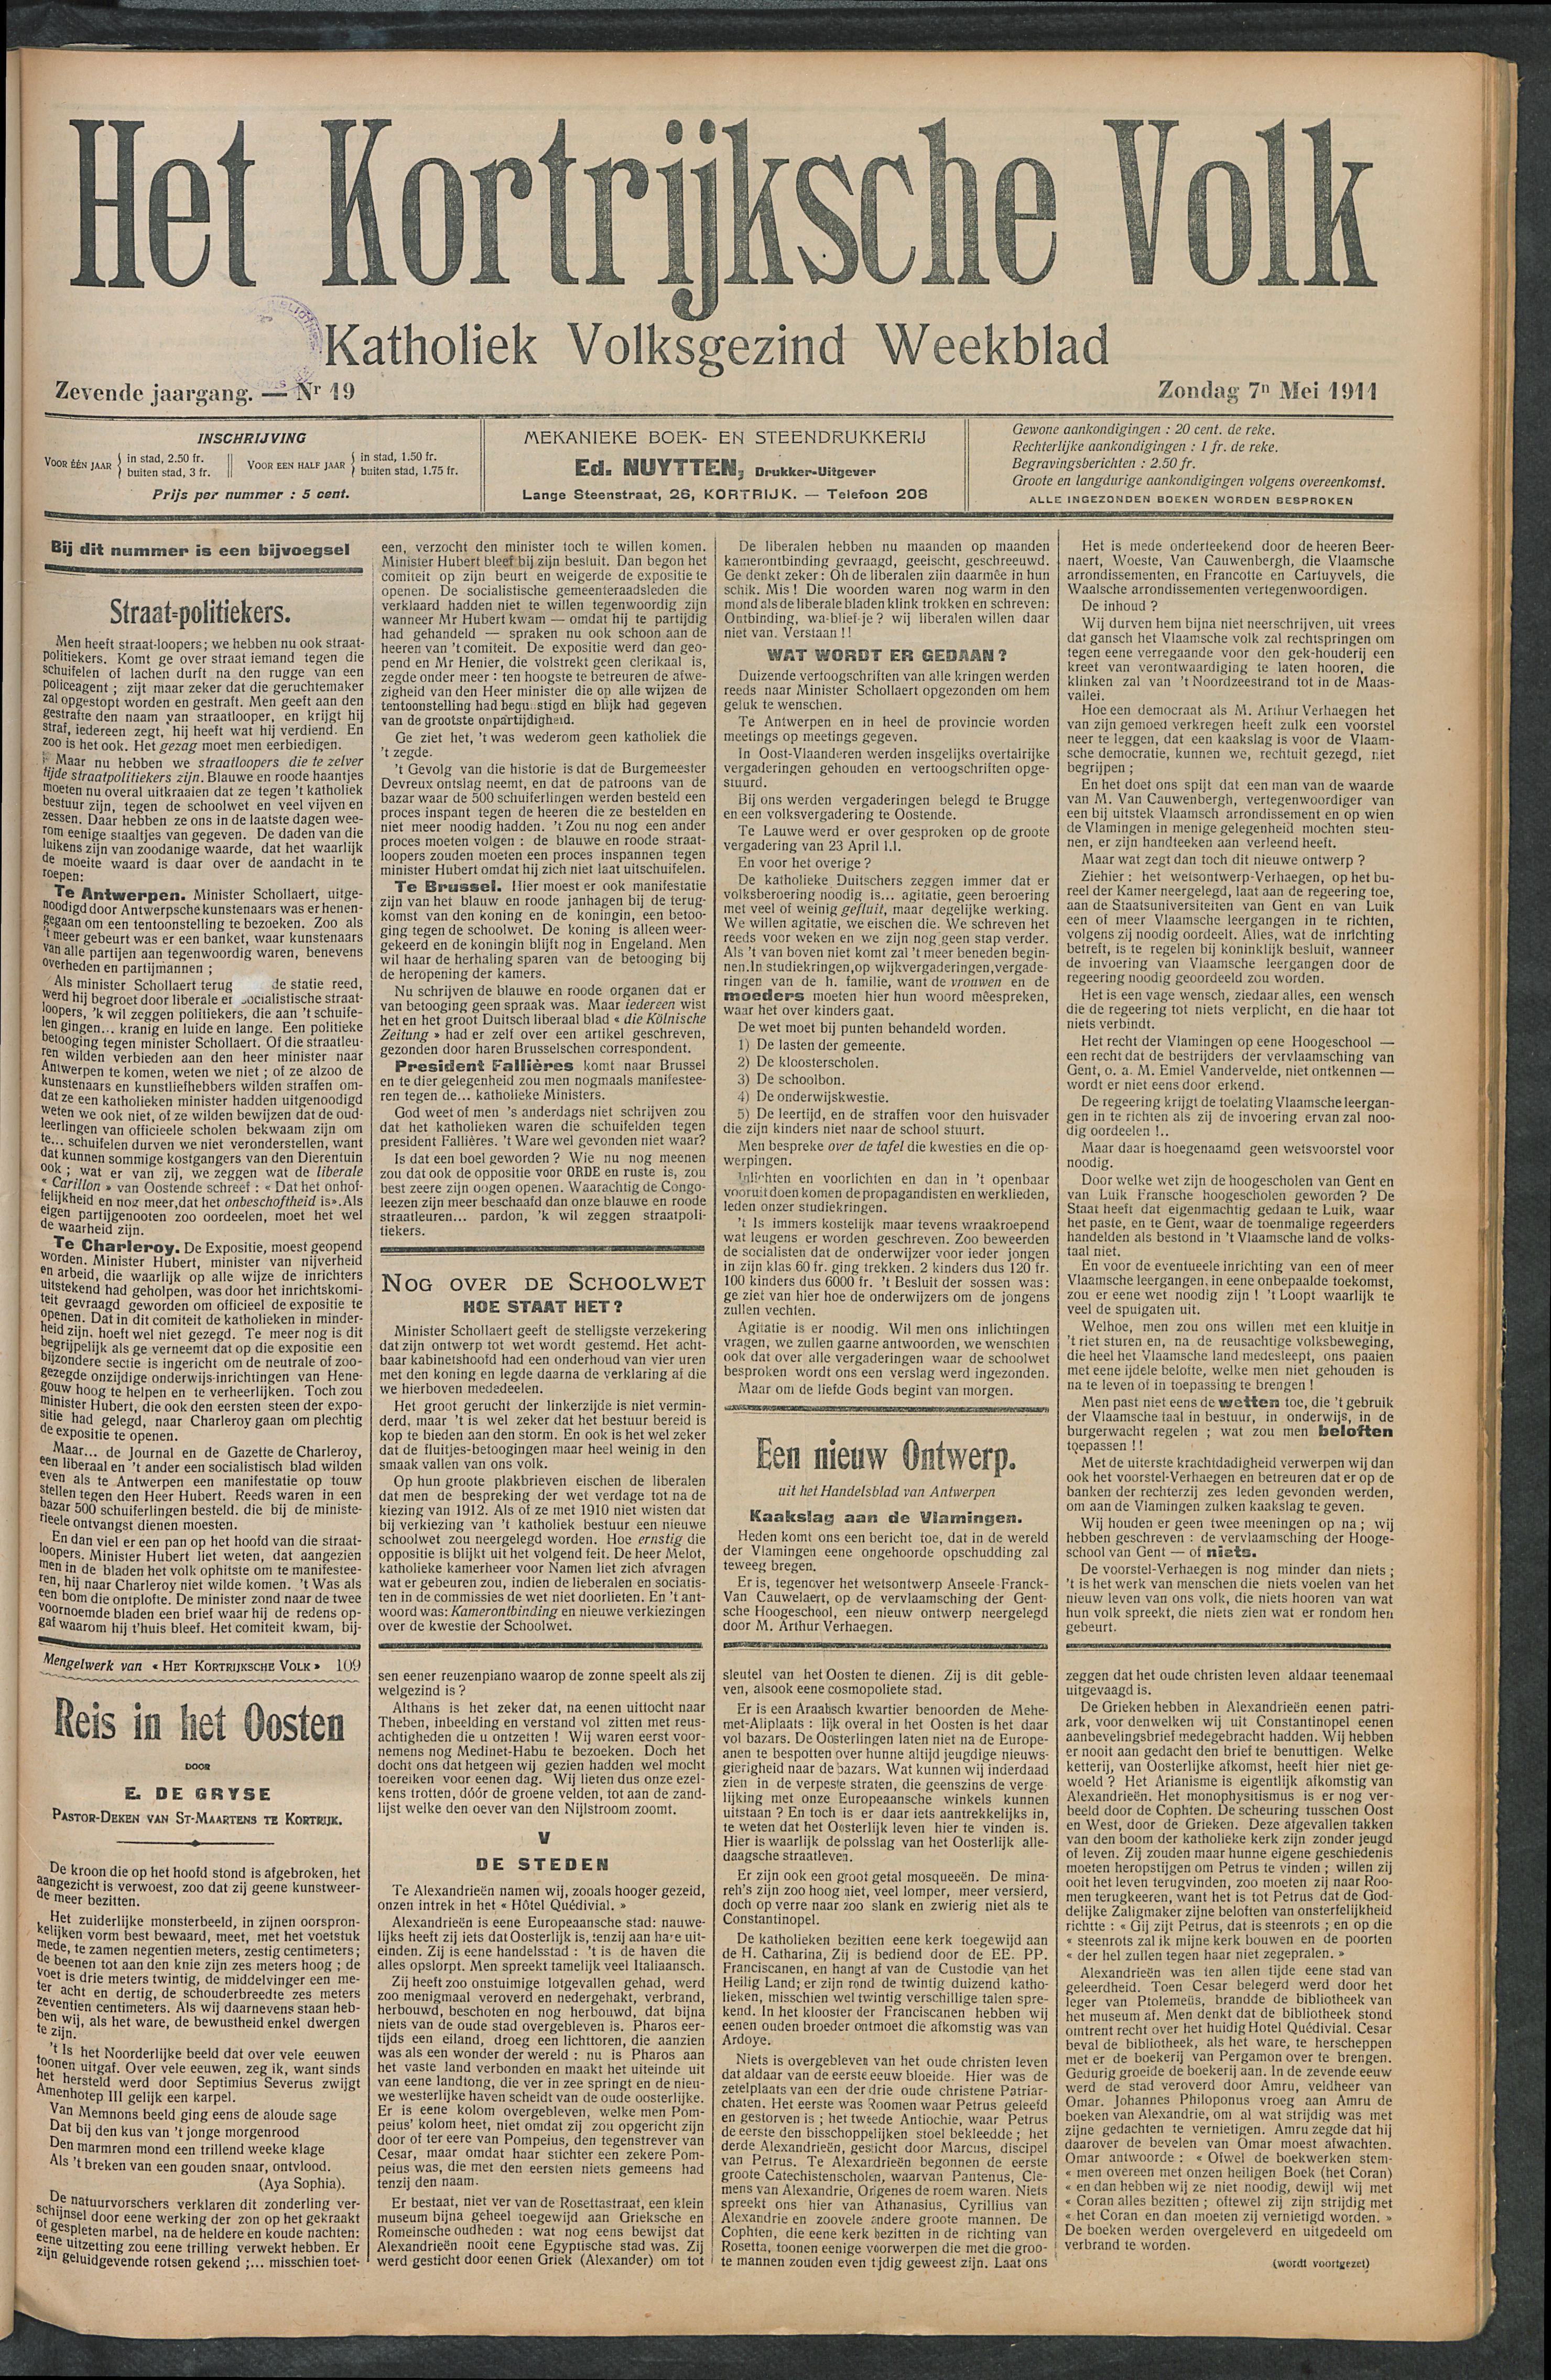 Het Kortrijksche Volk 1911-05-07 p1